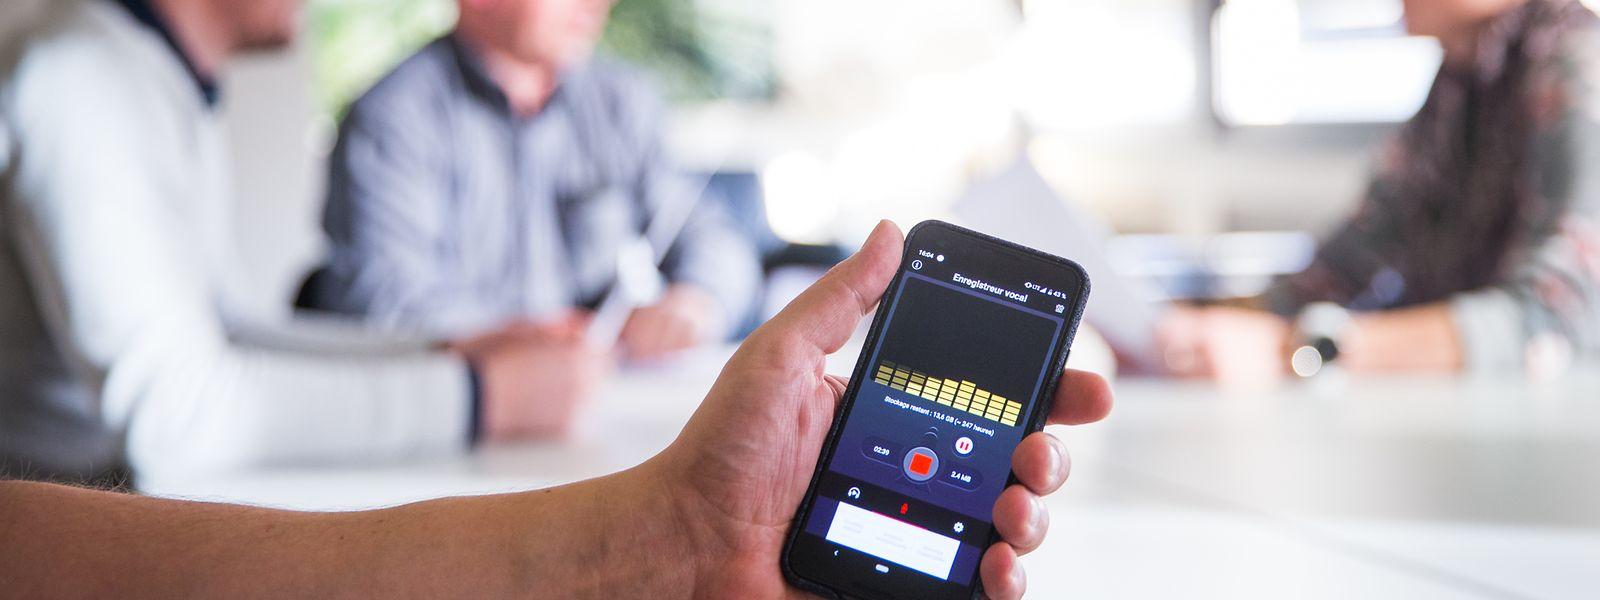 Les conversations sont considérées comme privées, si les participants supposent qu'ils sont entre eux et que personne n'est susceptible de les enregistrer.